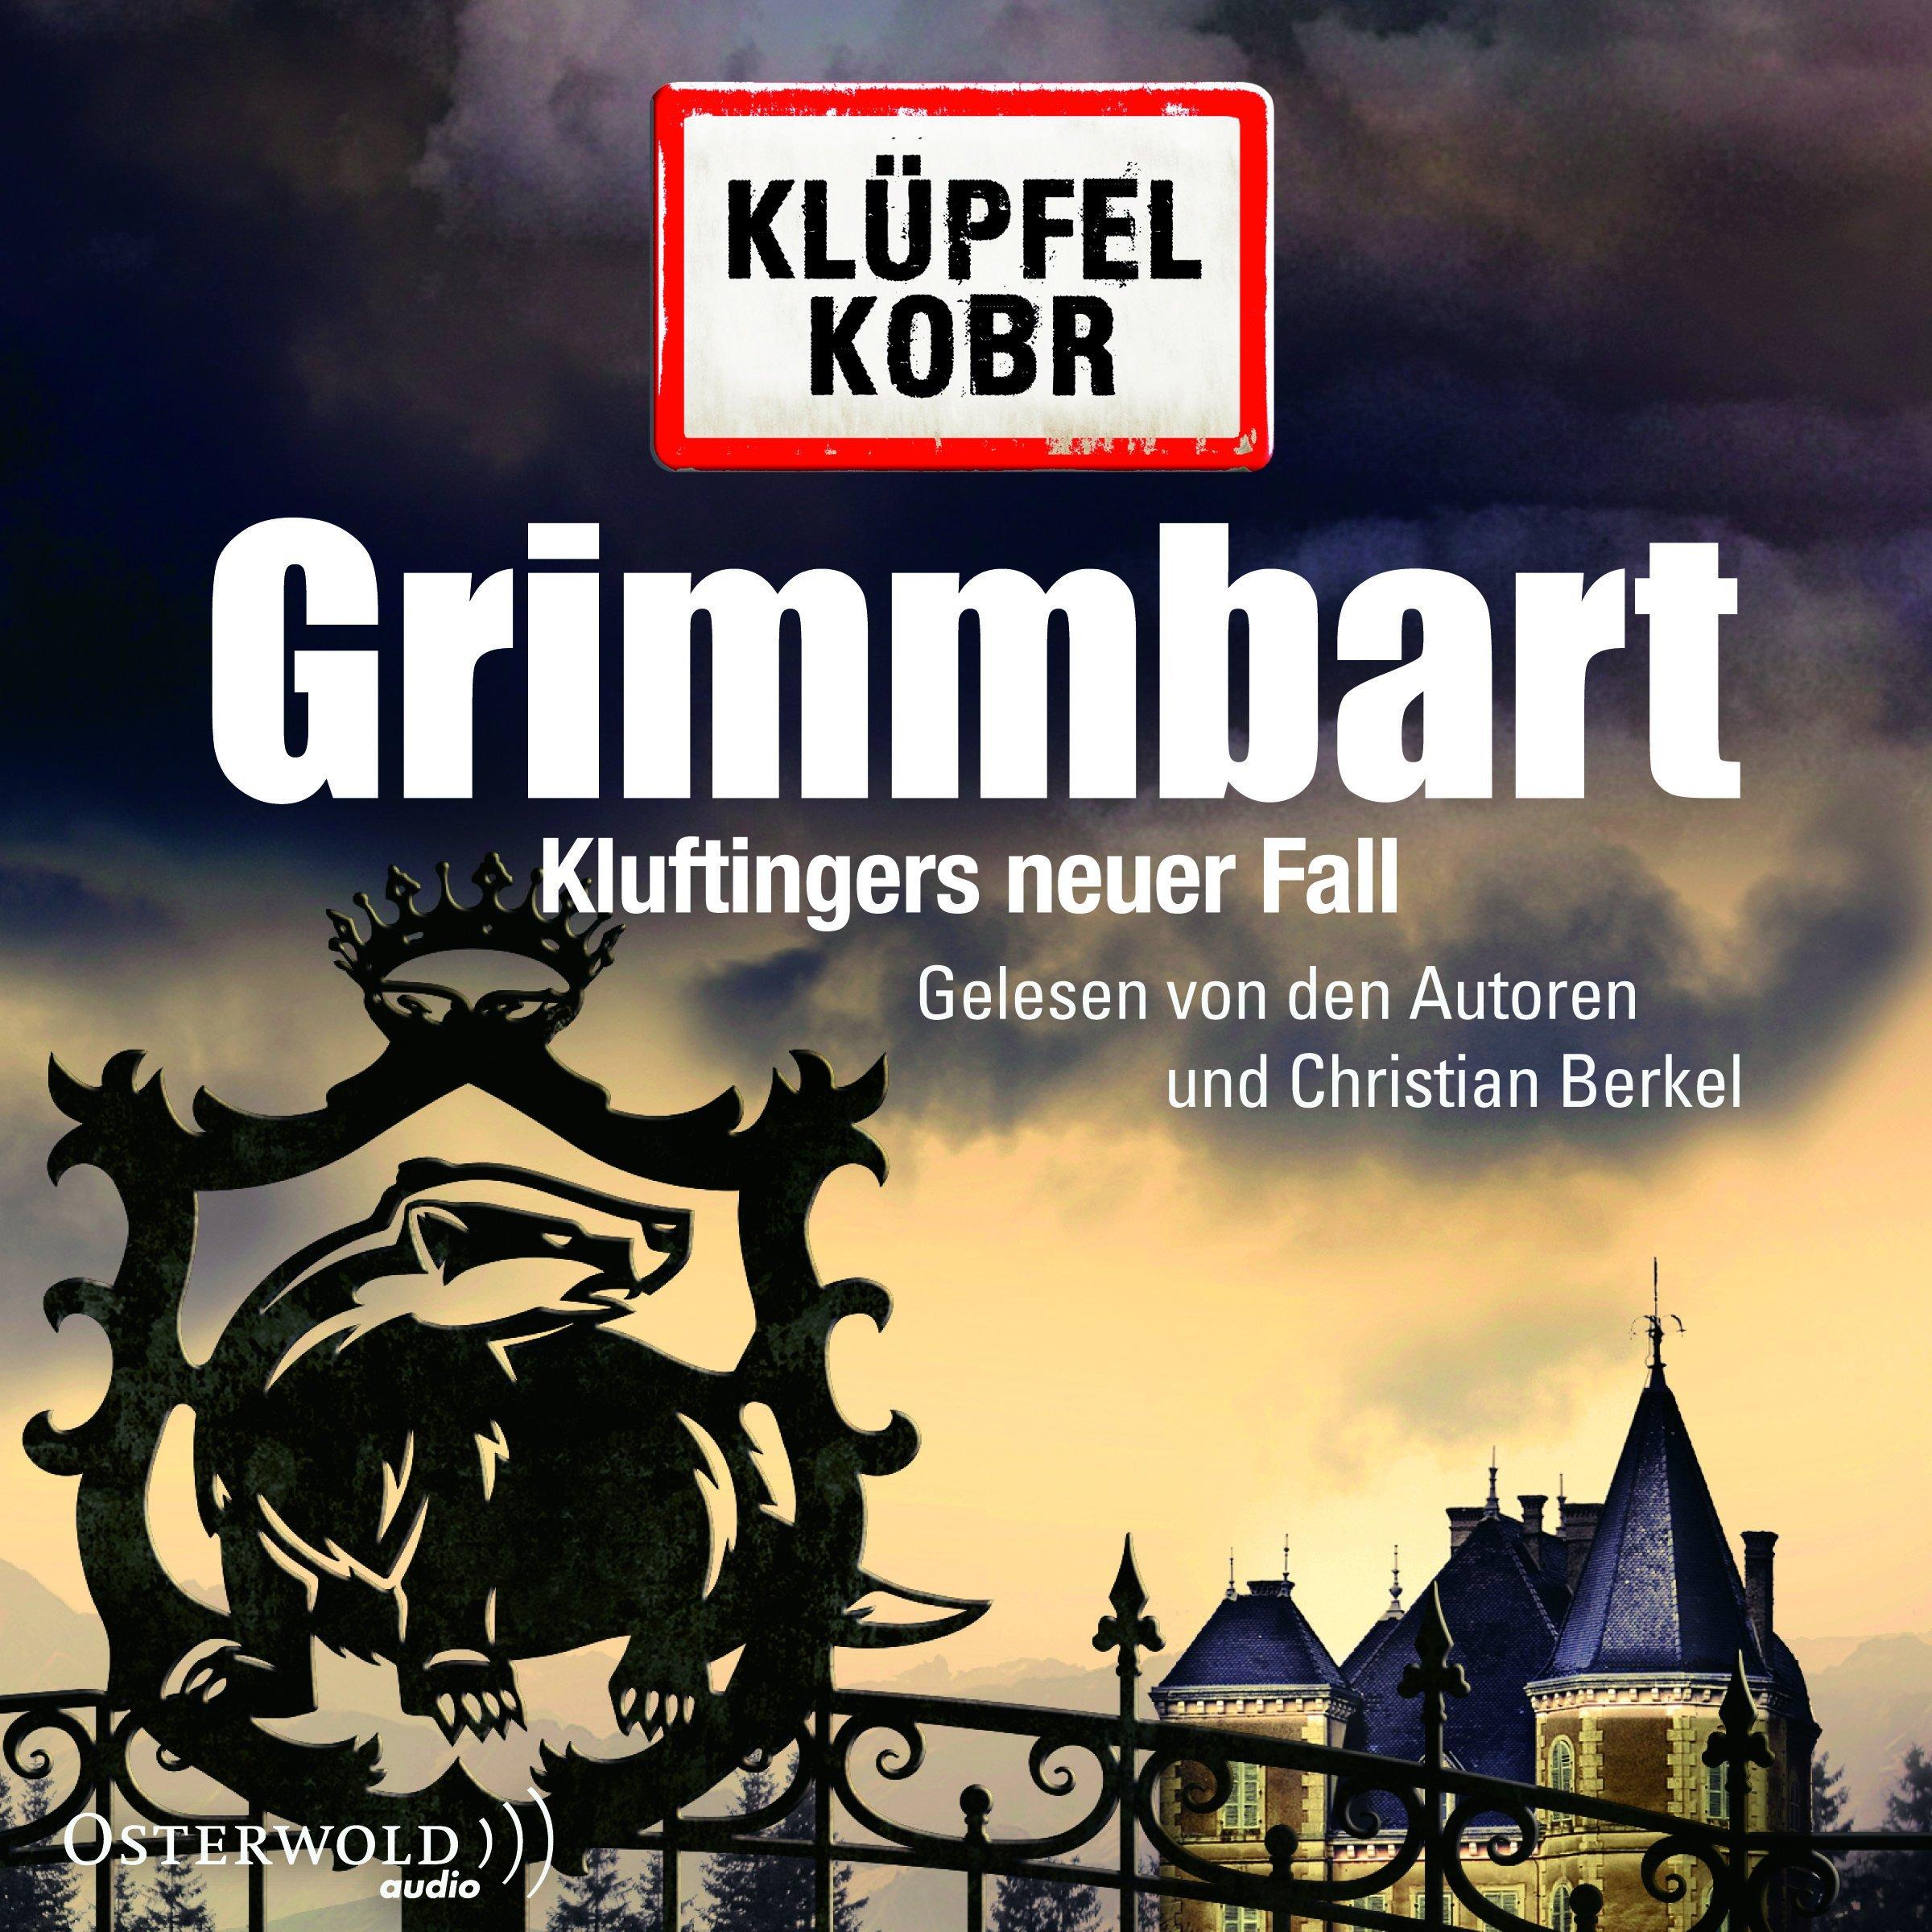 Grimmbart (Hörbuch) von Klüpfel und Kobr